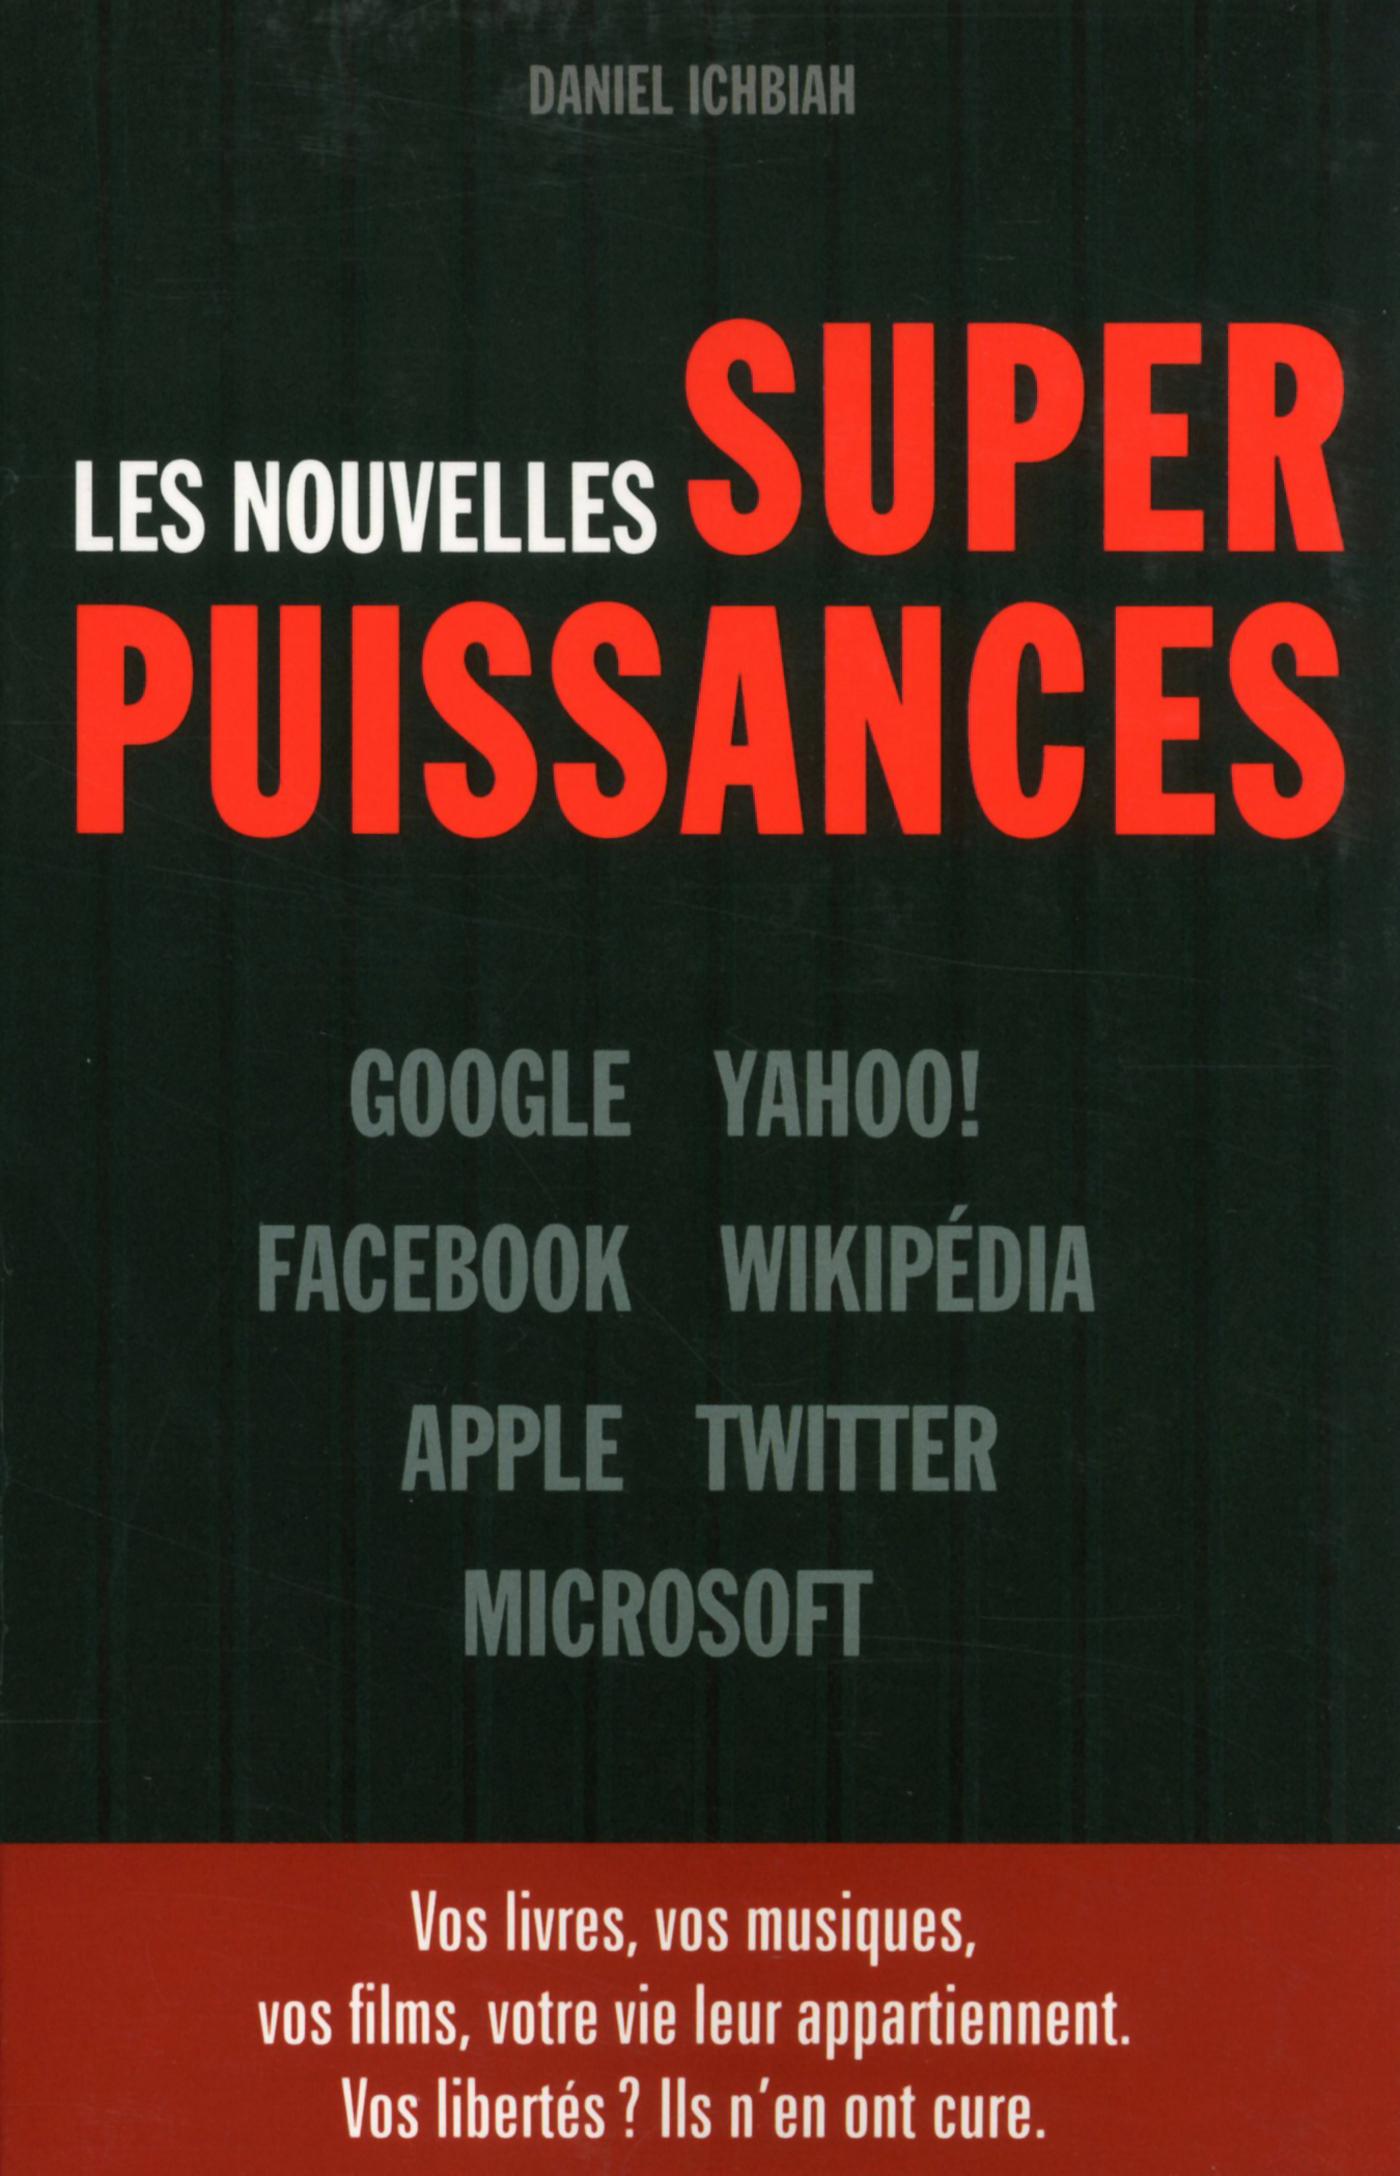 Les nouvelles superpuissances (ebook)